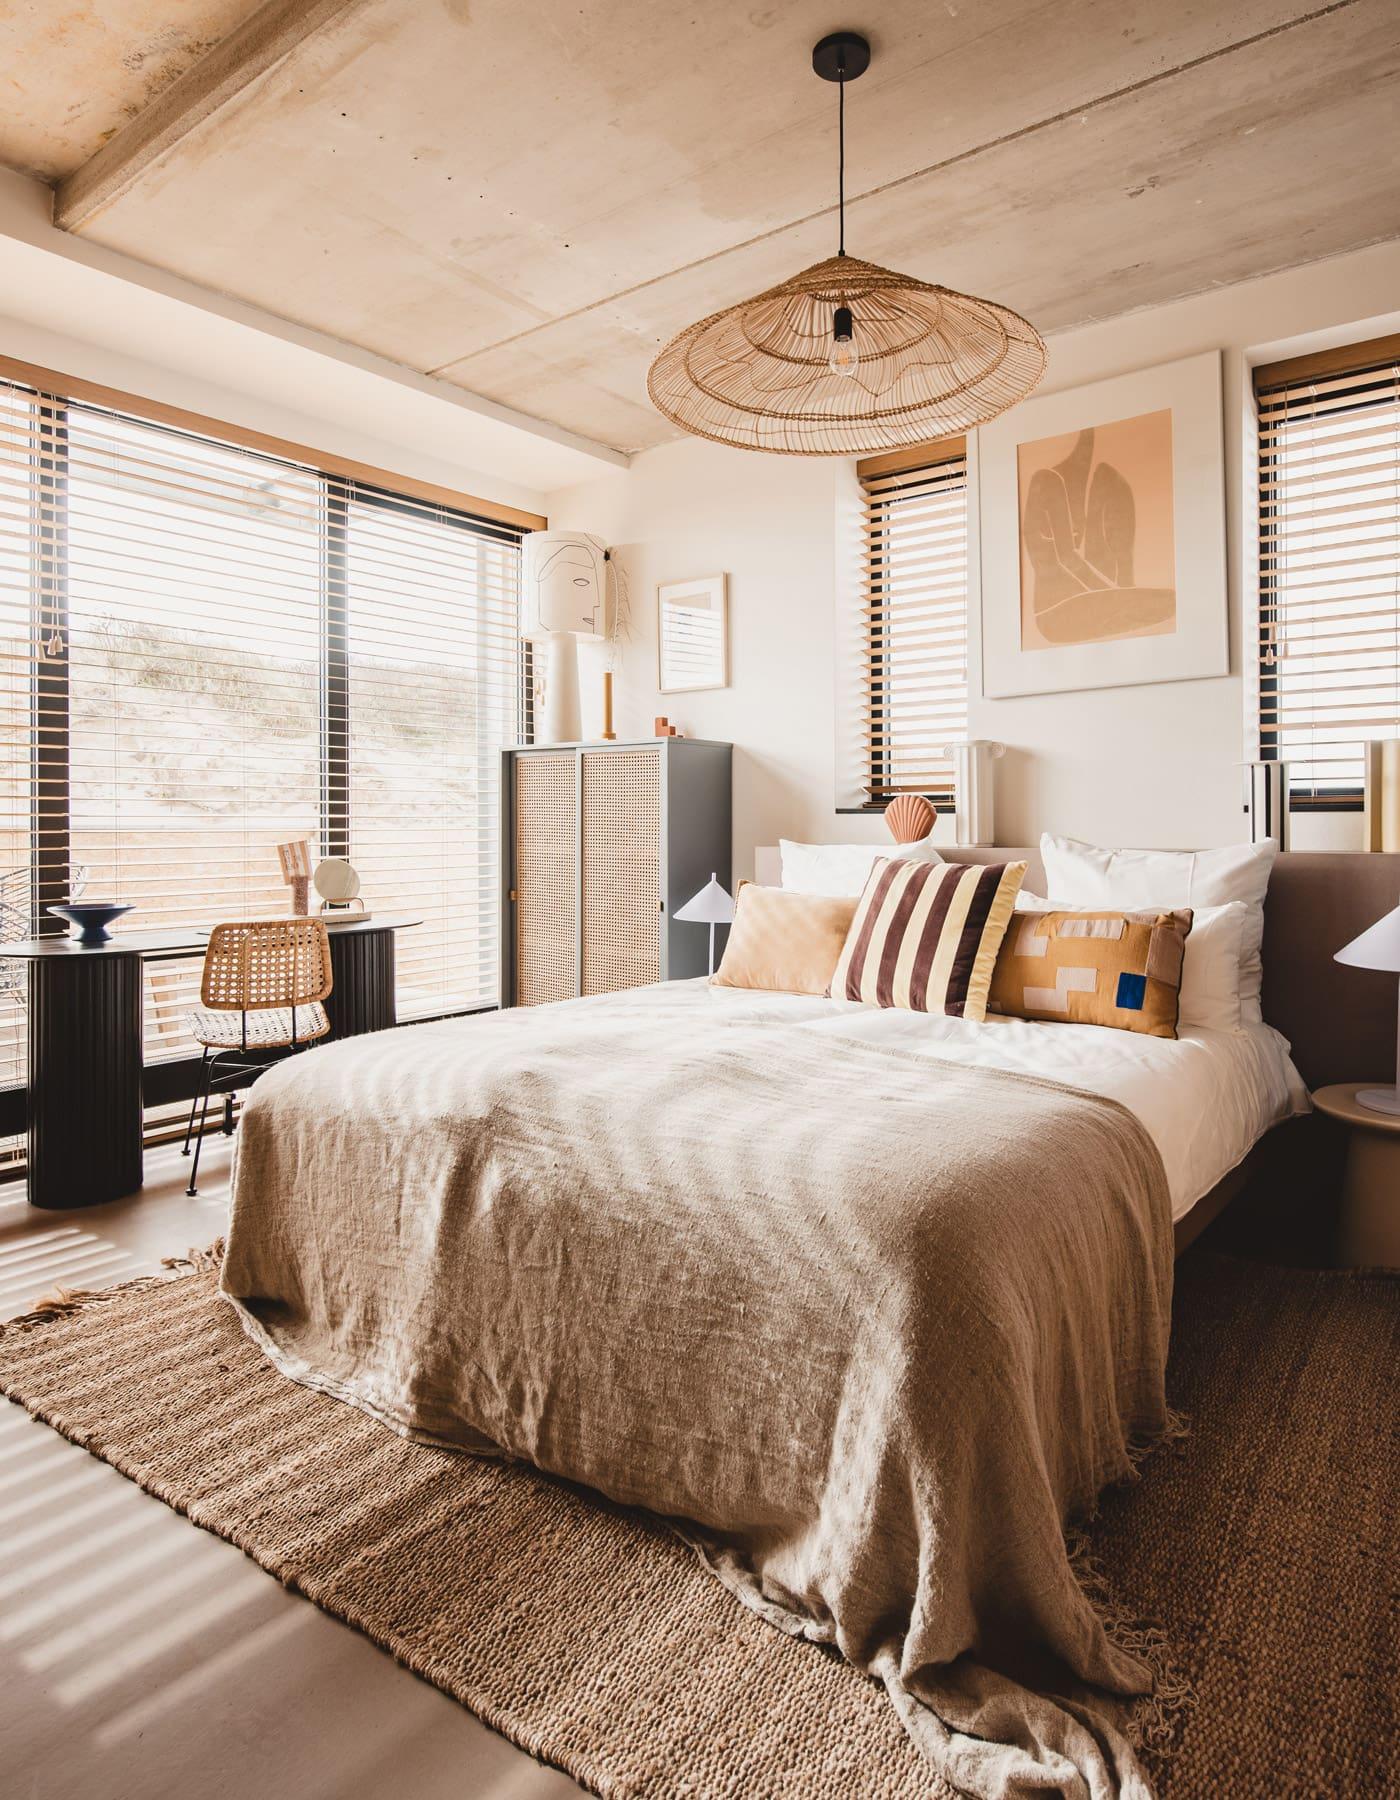 Entspannter Familienurlaub in Nordholland: Ferienapartments im Strandhotel Zoomers // HIMBEER